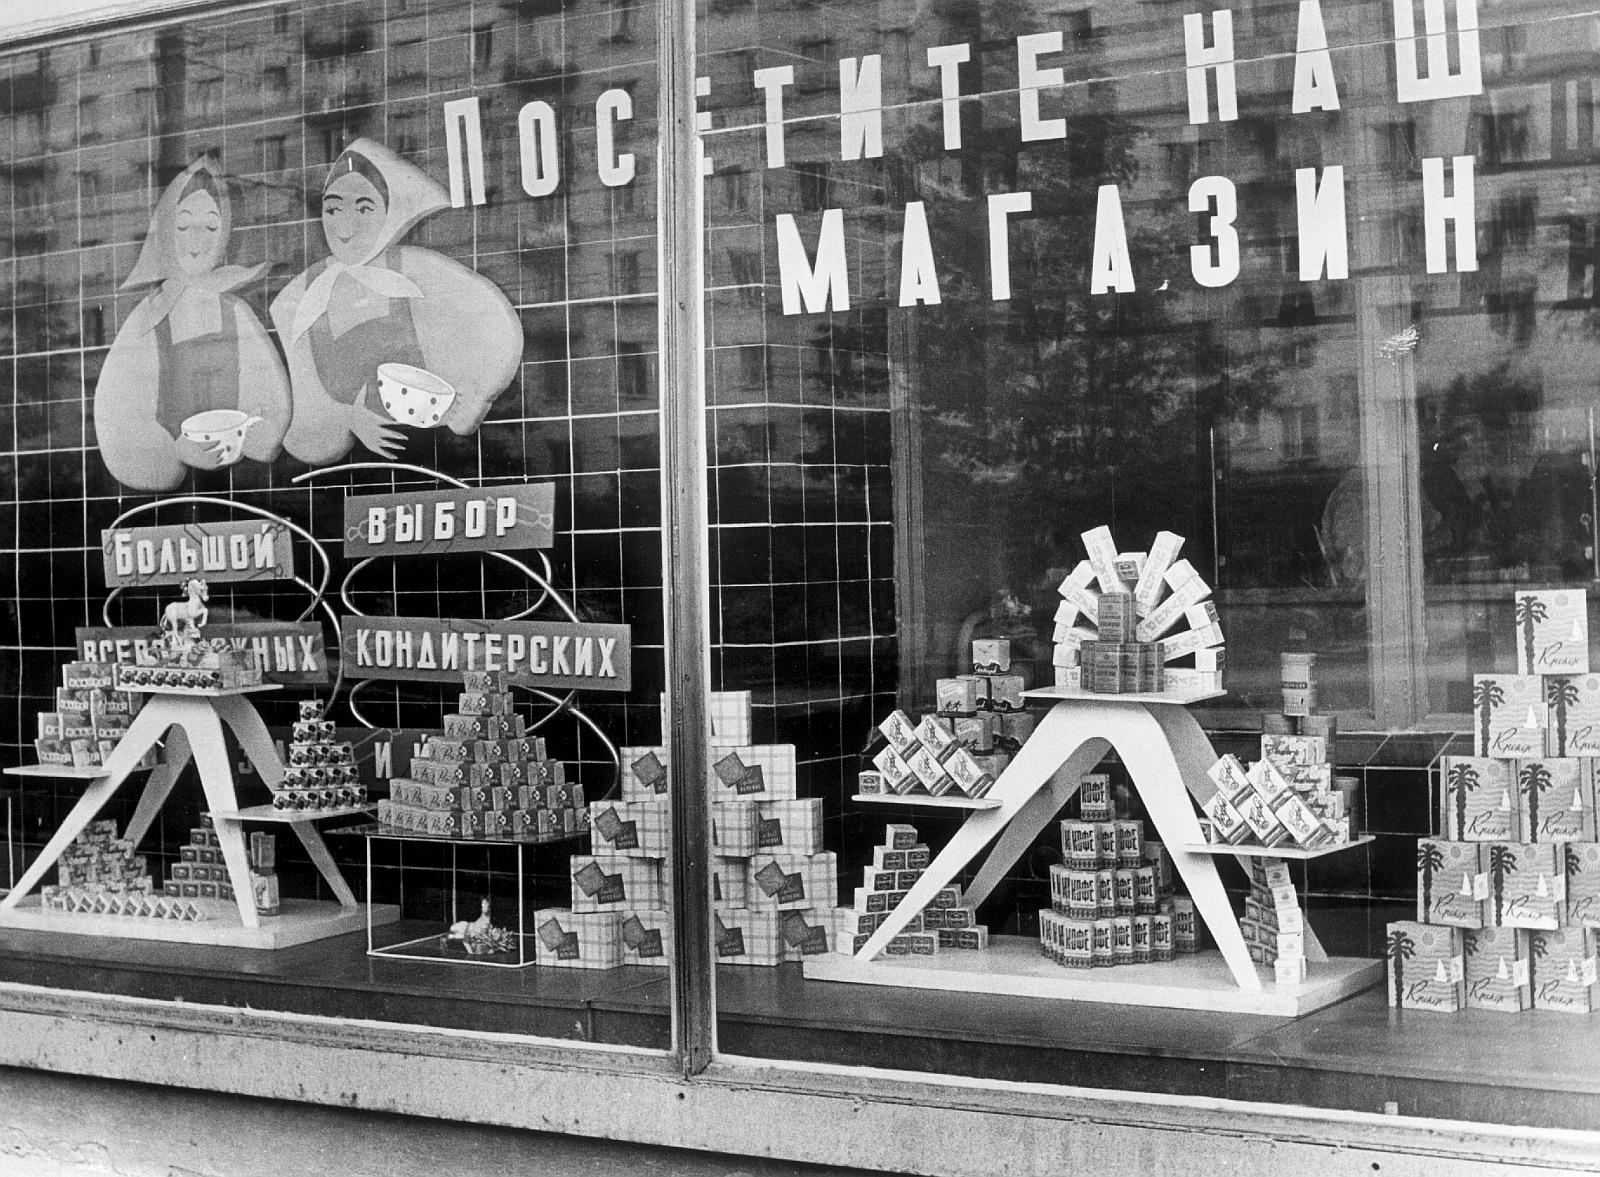 Окно деликатесного магазина